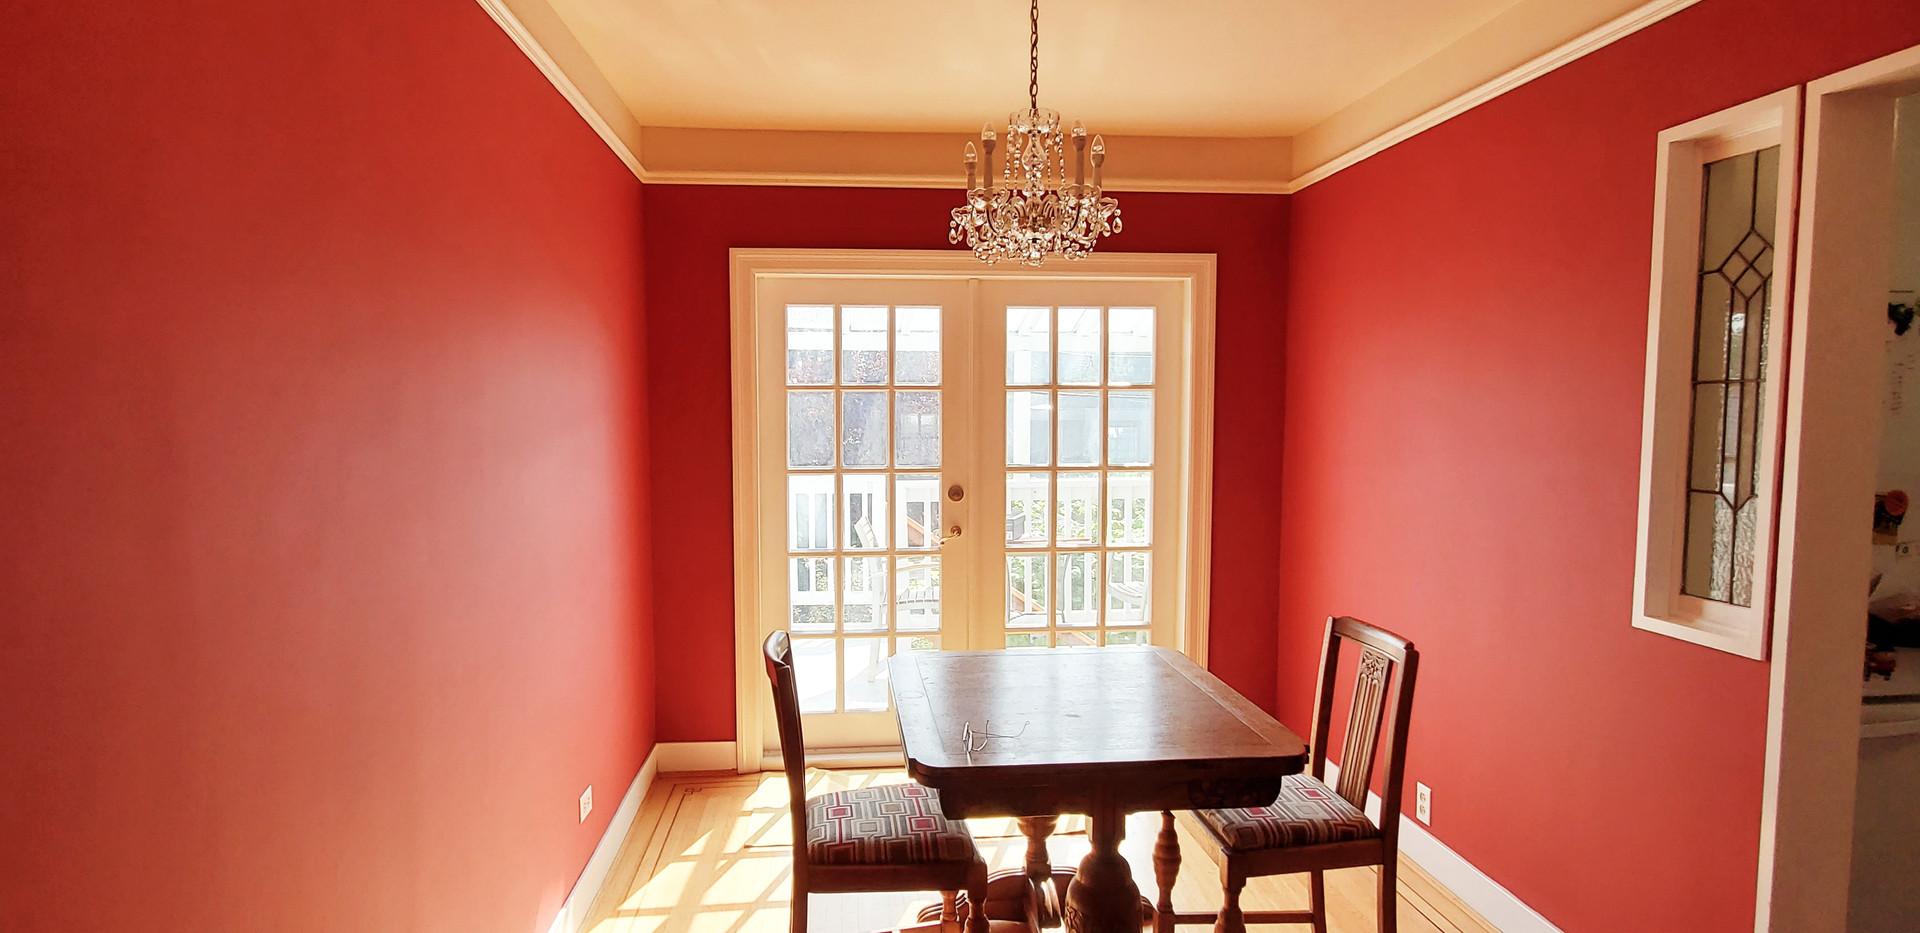 New Dinning Room